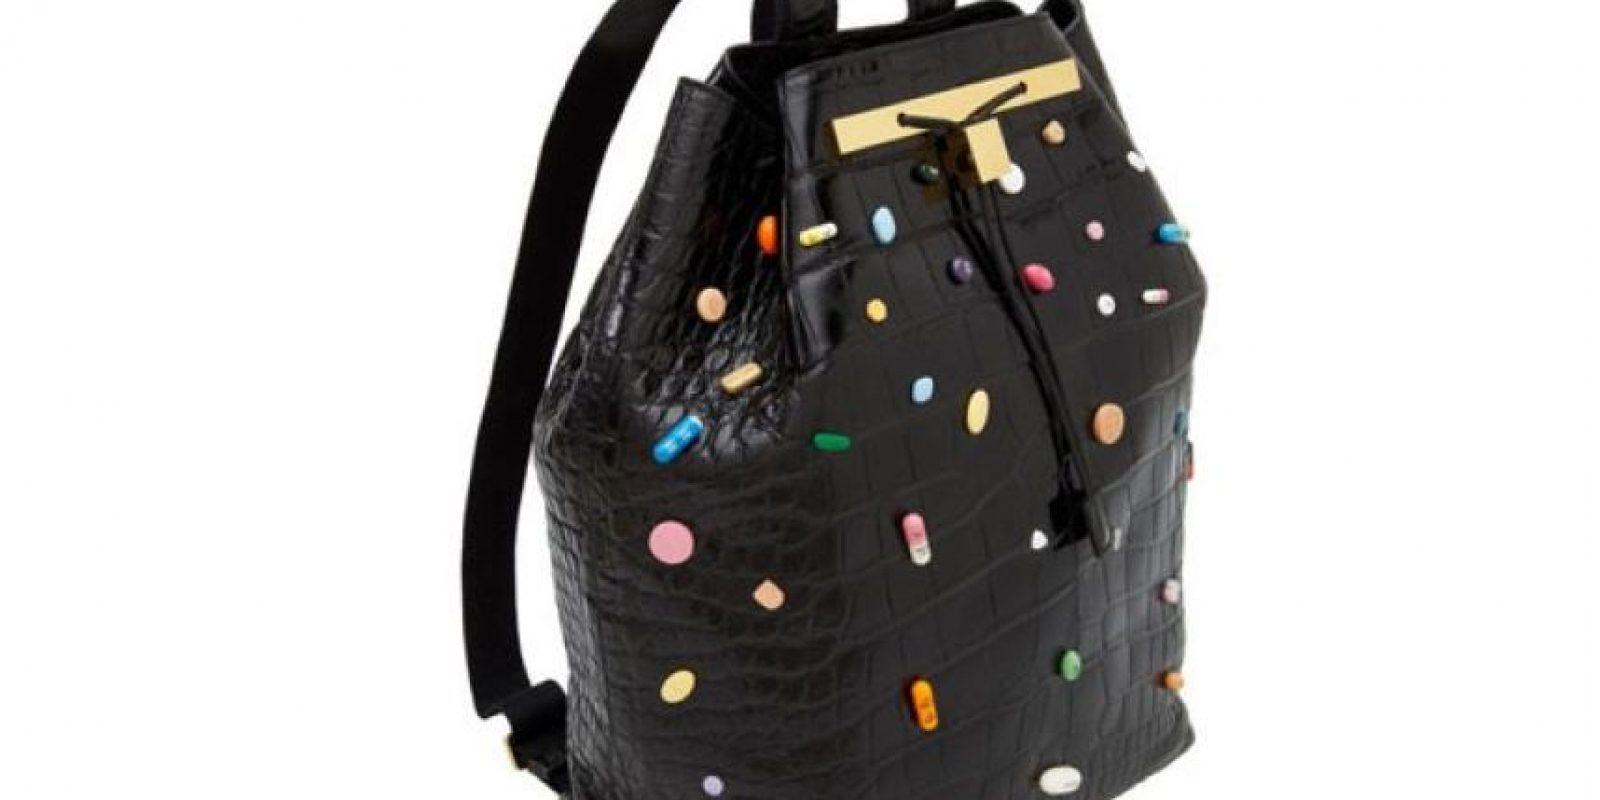 Este bolso, colaboración entre 'The Row' (marca de las gemelas Olsen) y Damien Hirst cuesta 34 mil dólares Foto: The Row